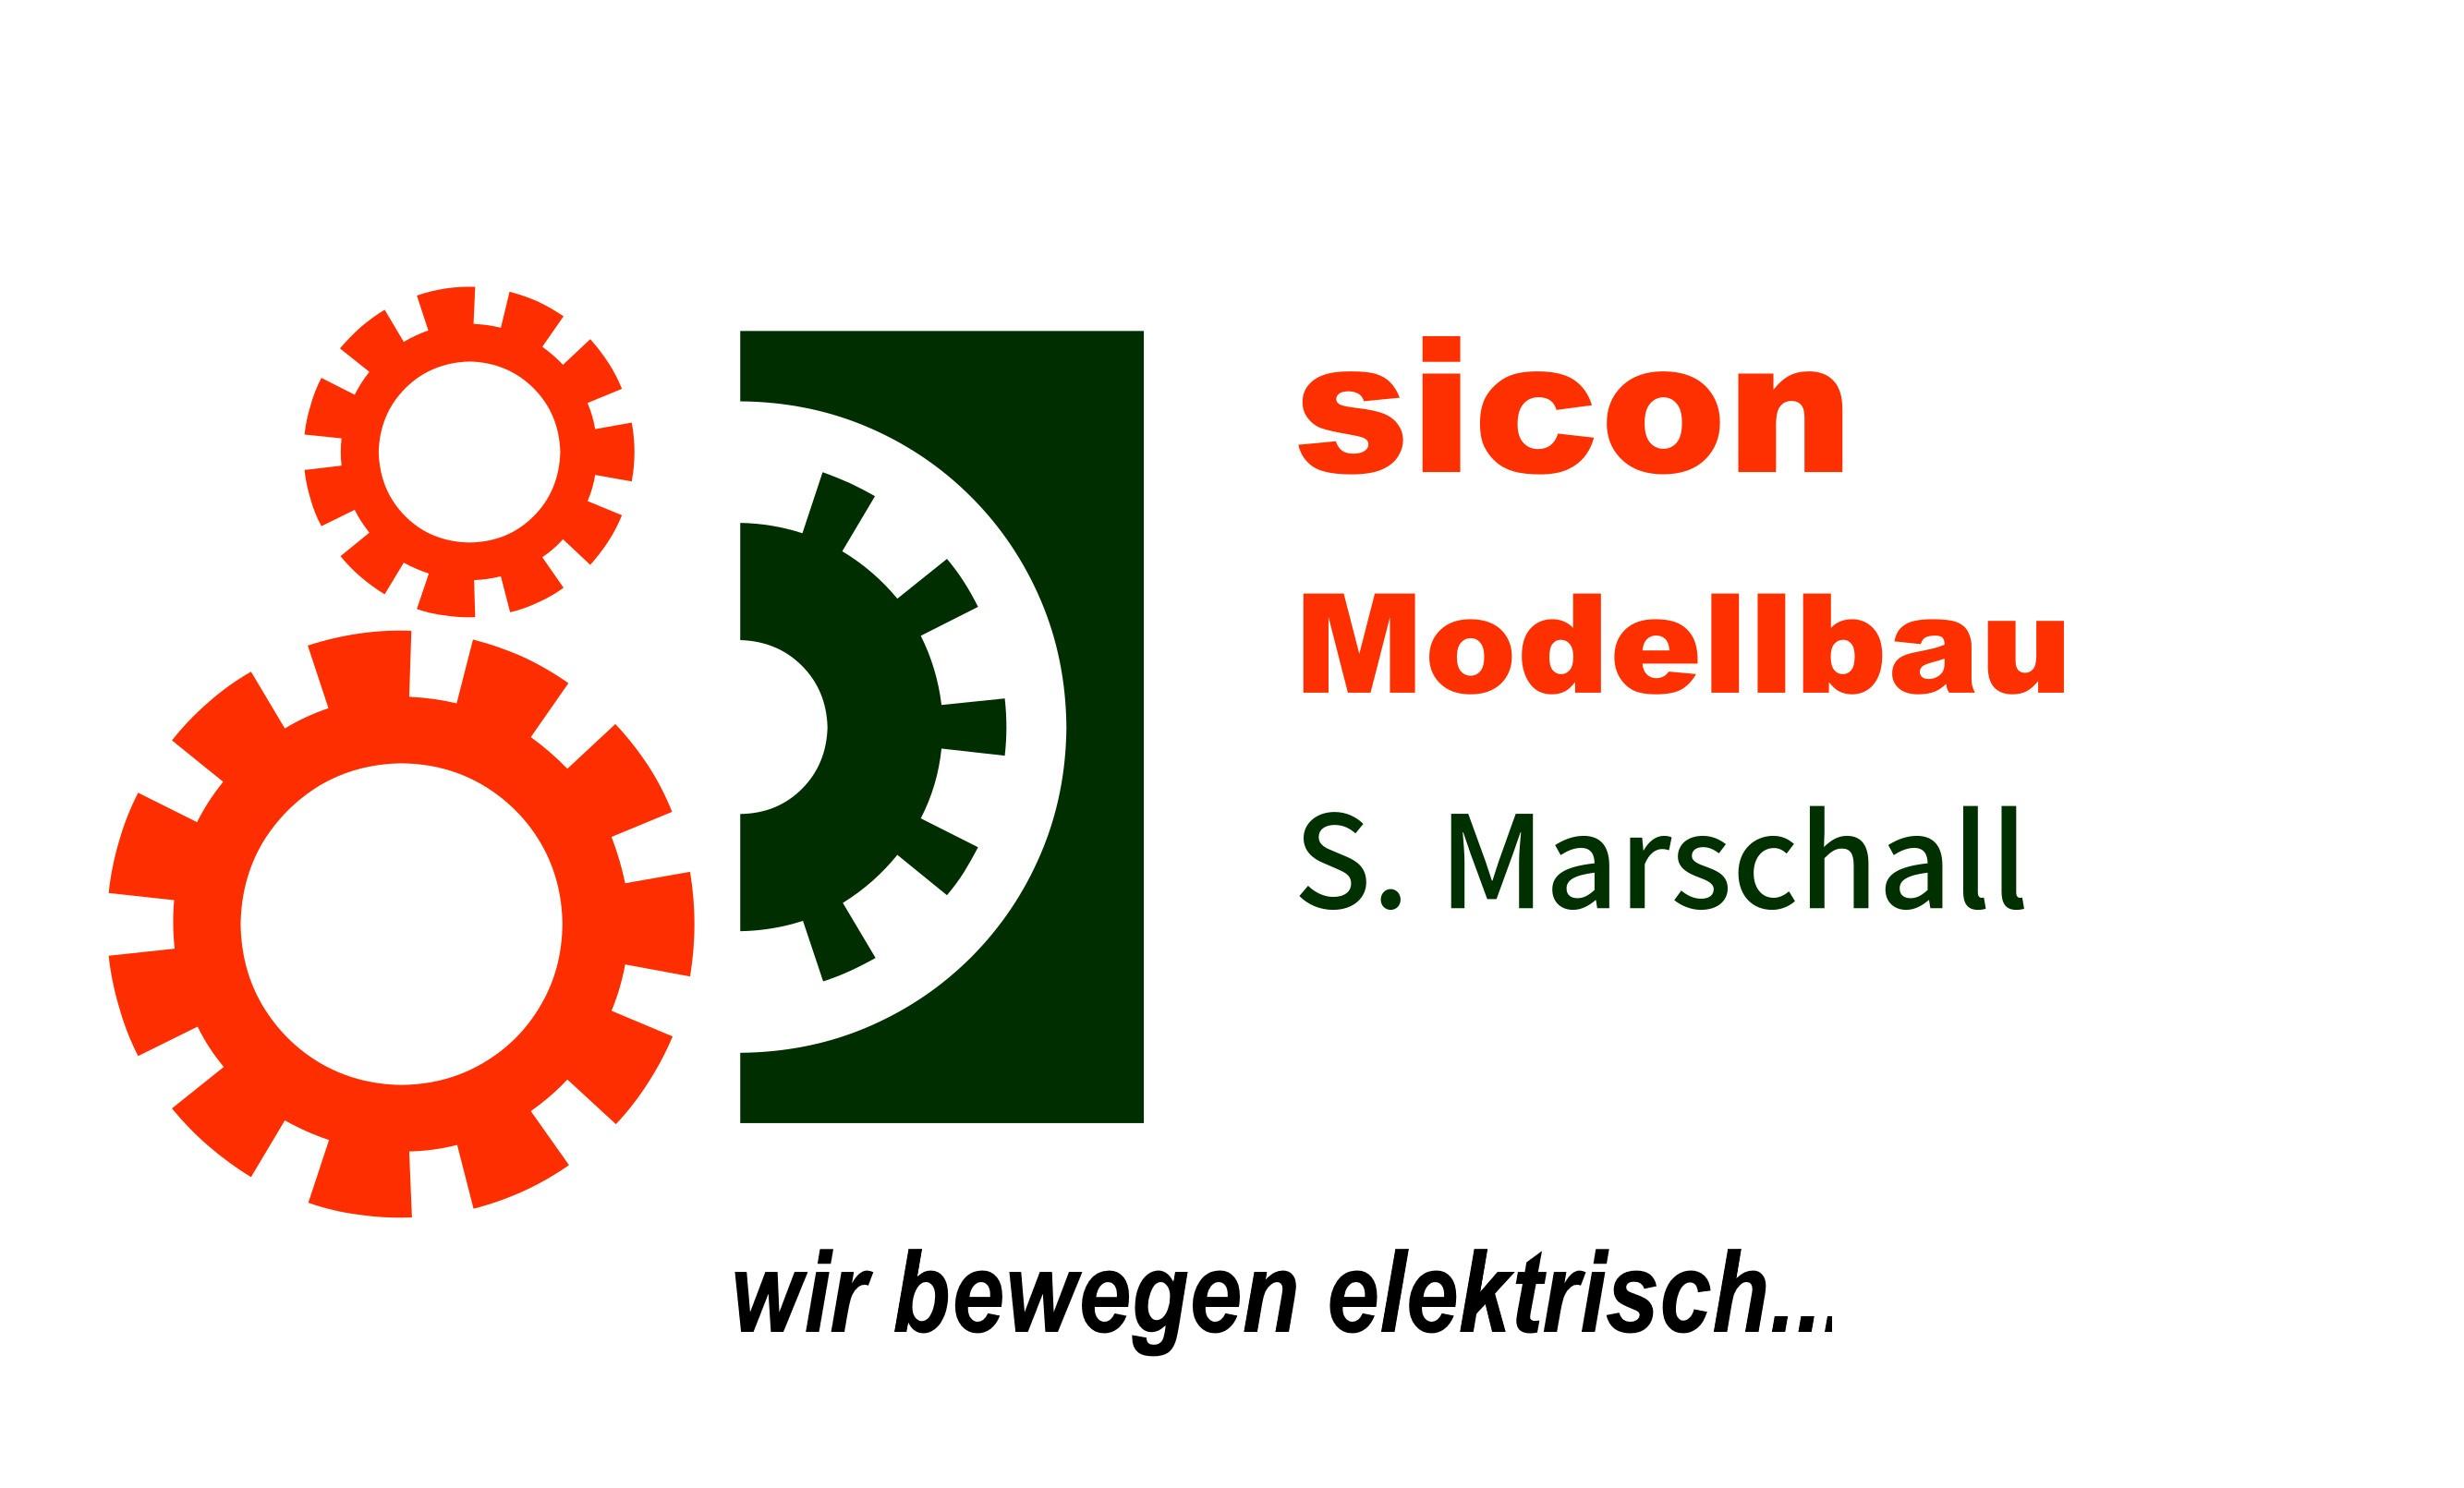 sicon-Modellbau-Logo